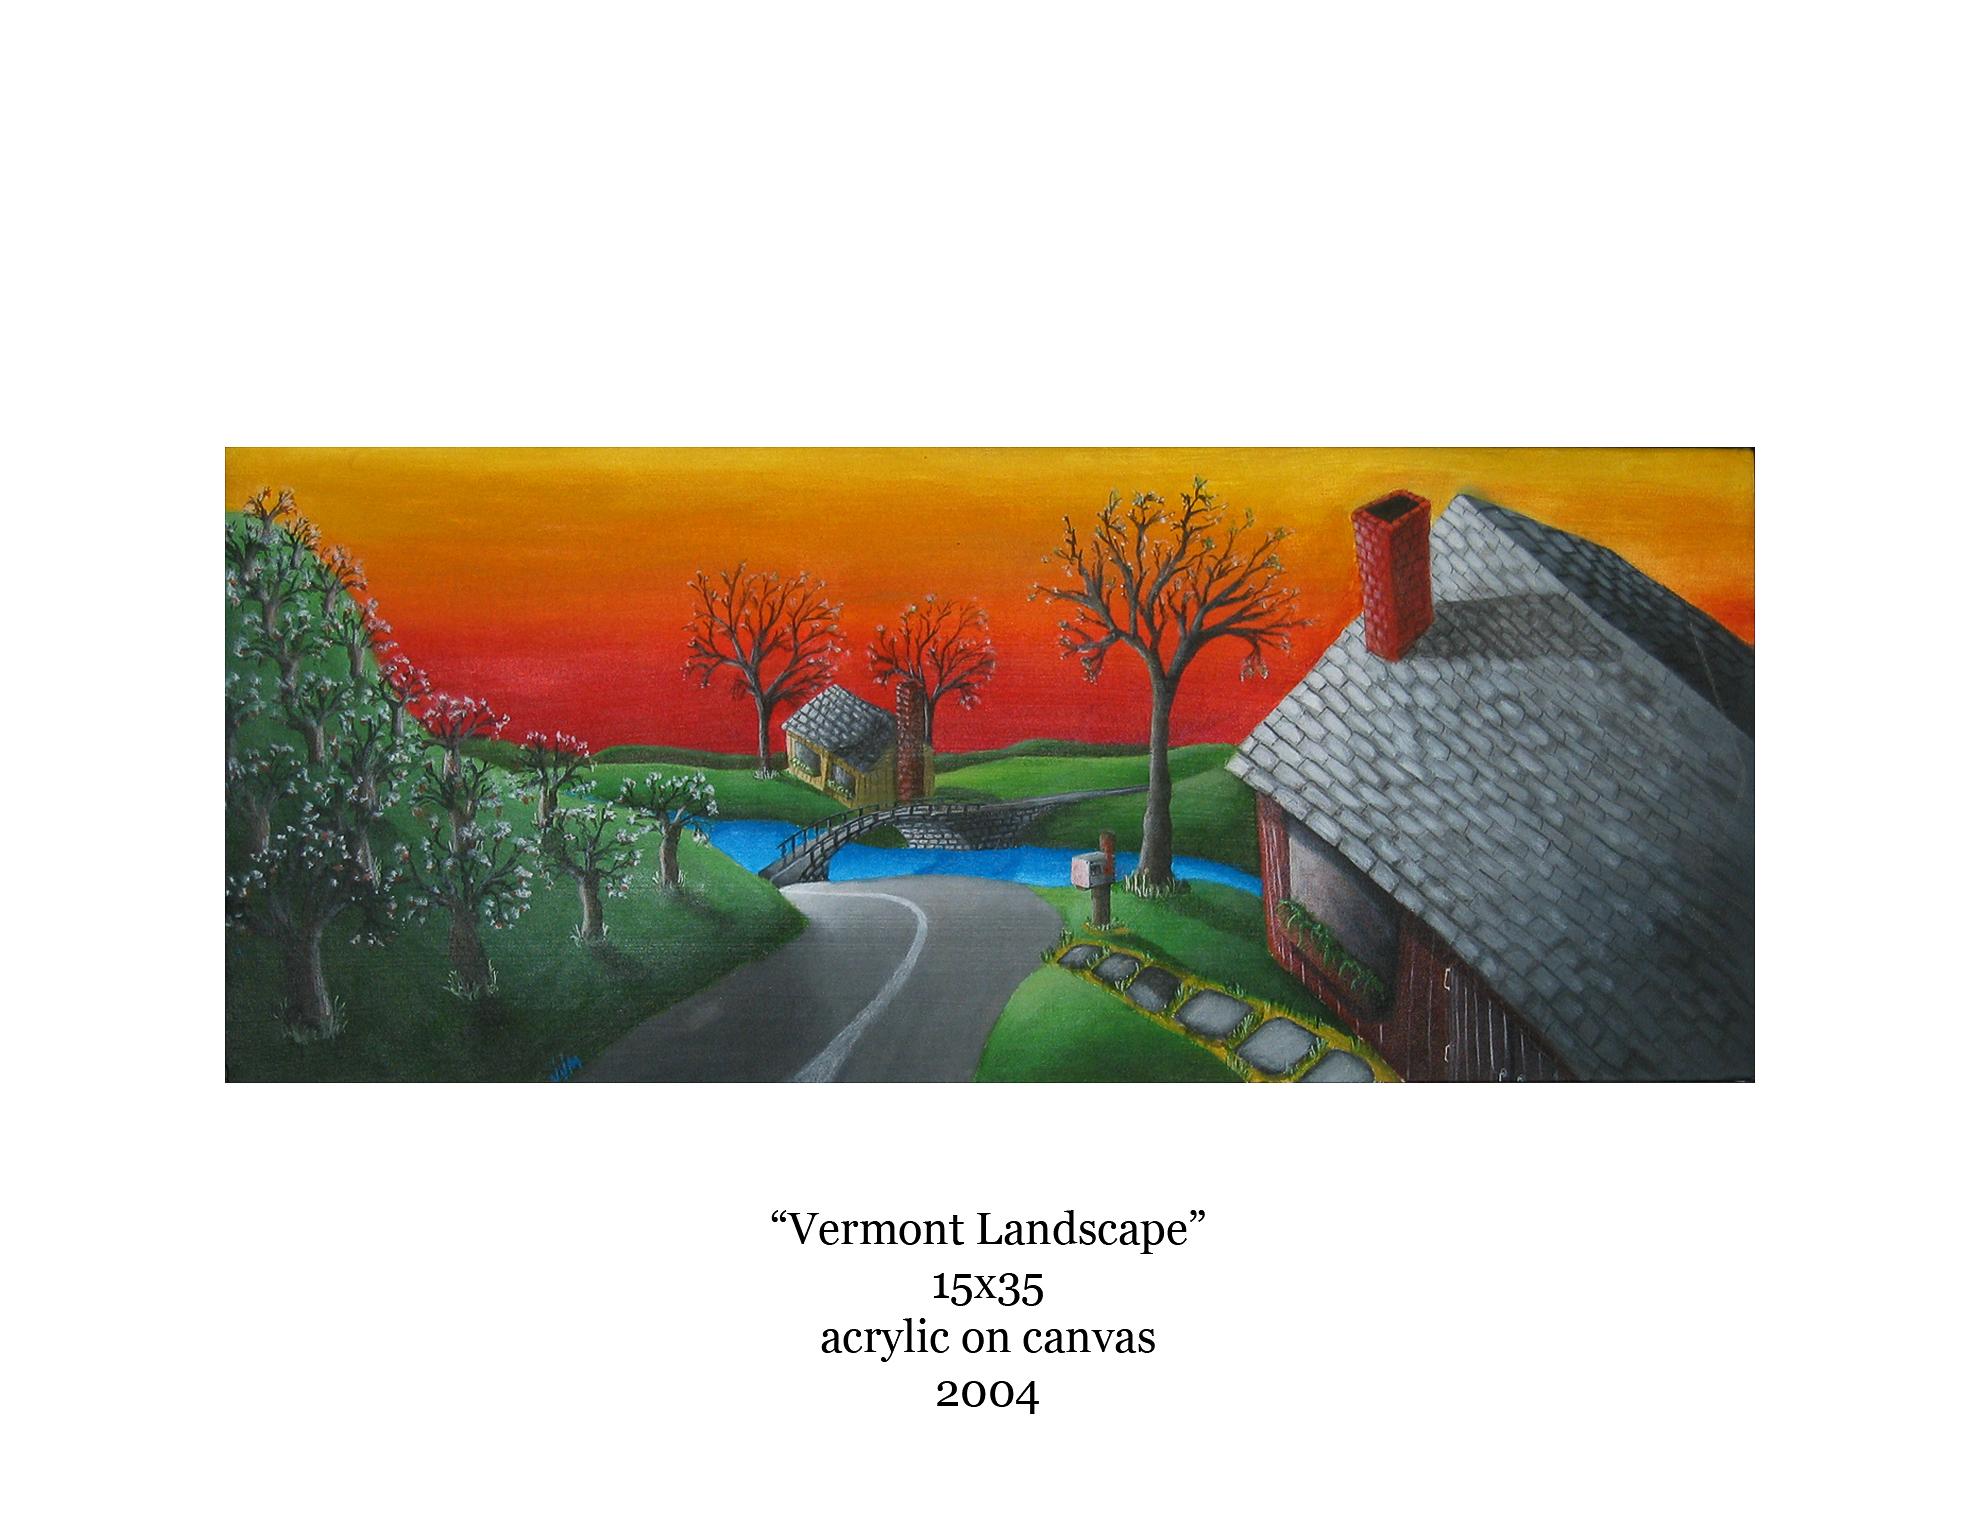 2004vermontlandscape